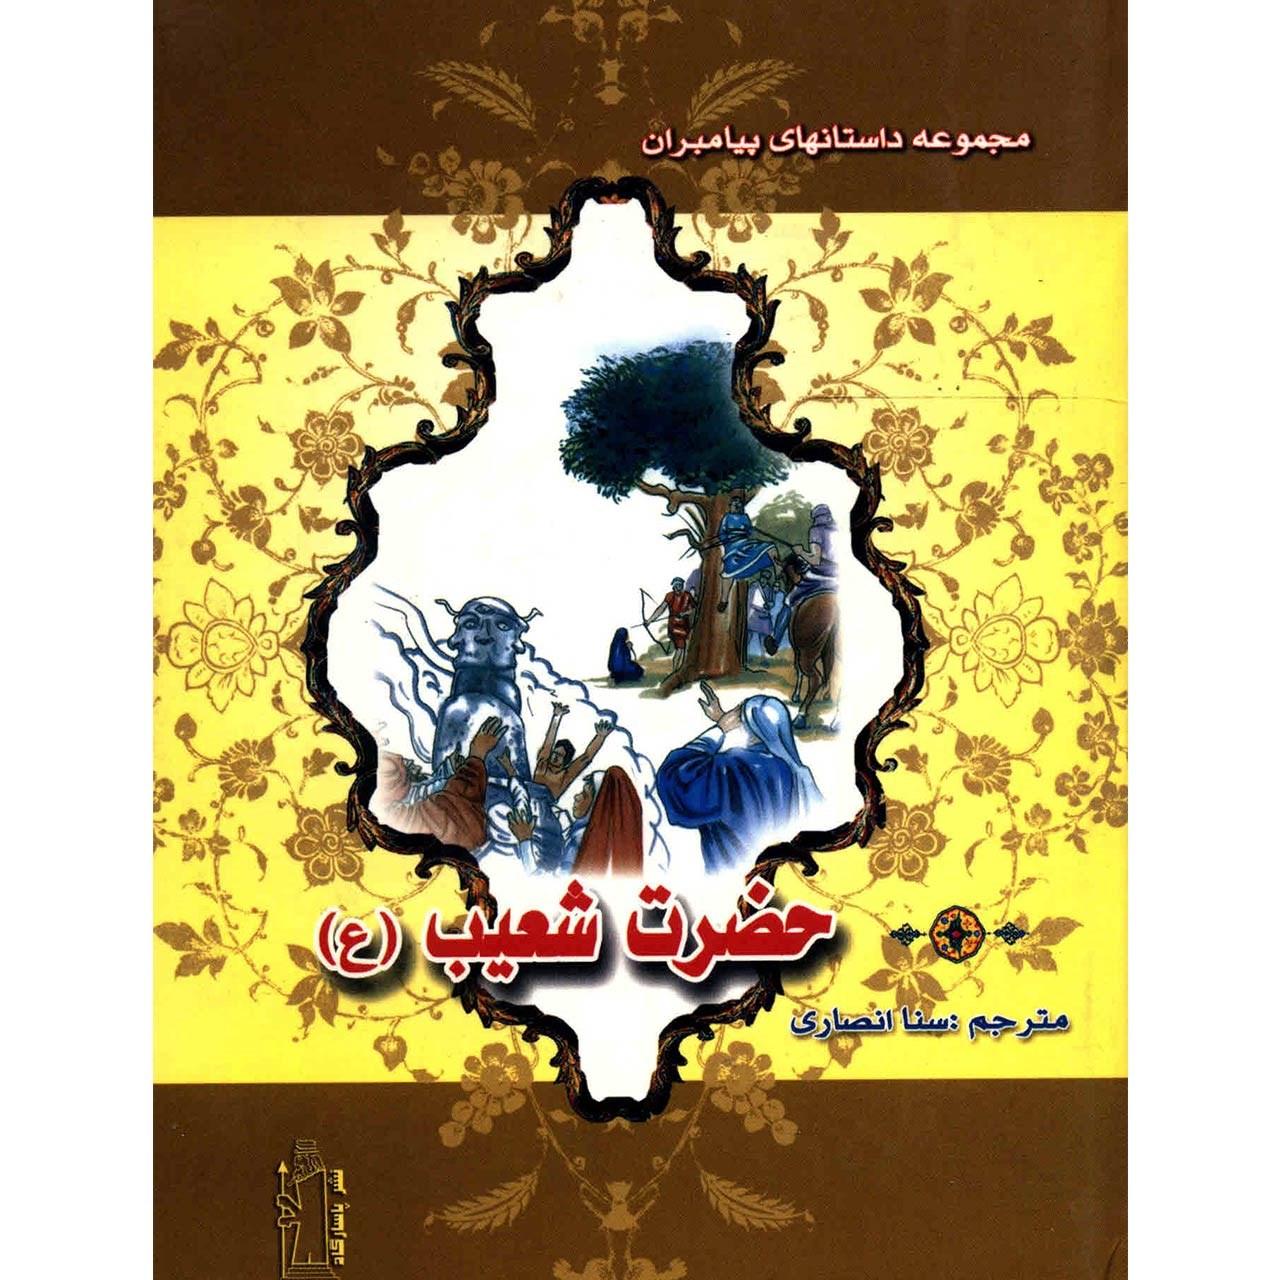 خرید                      کتاب حضرت شعیب اثر نضال علی